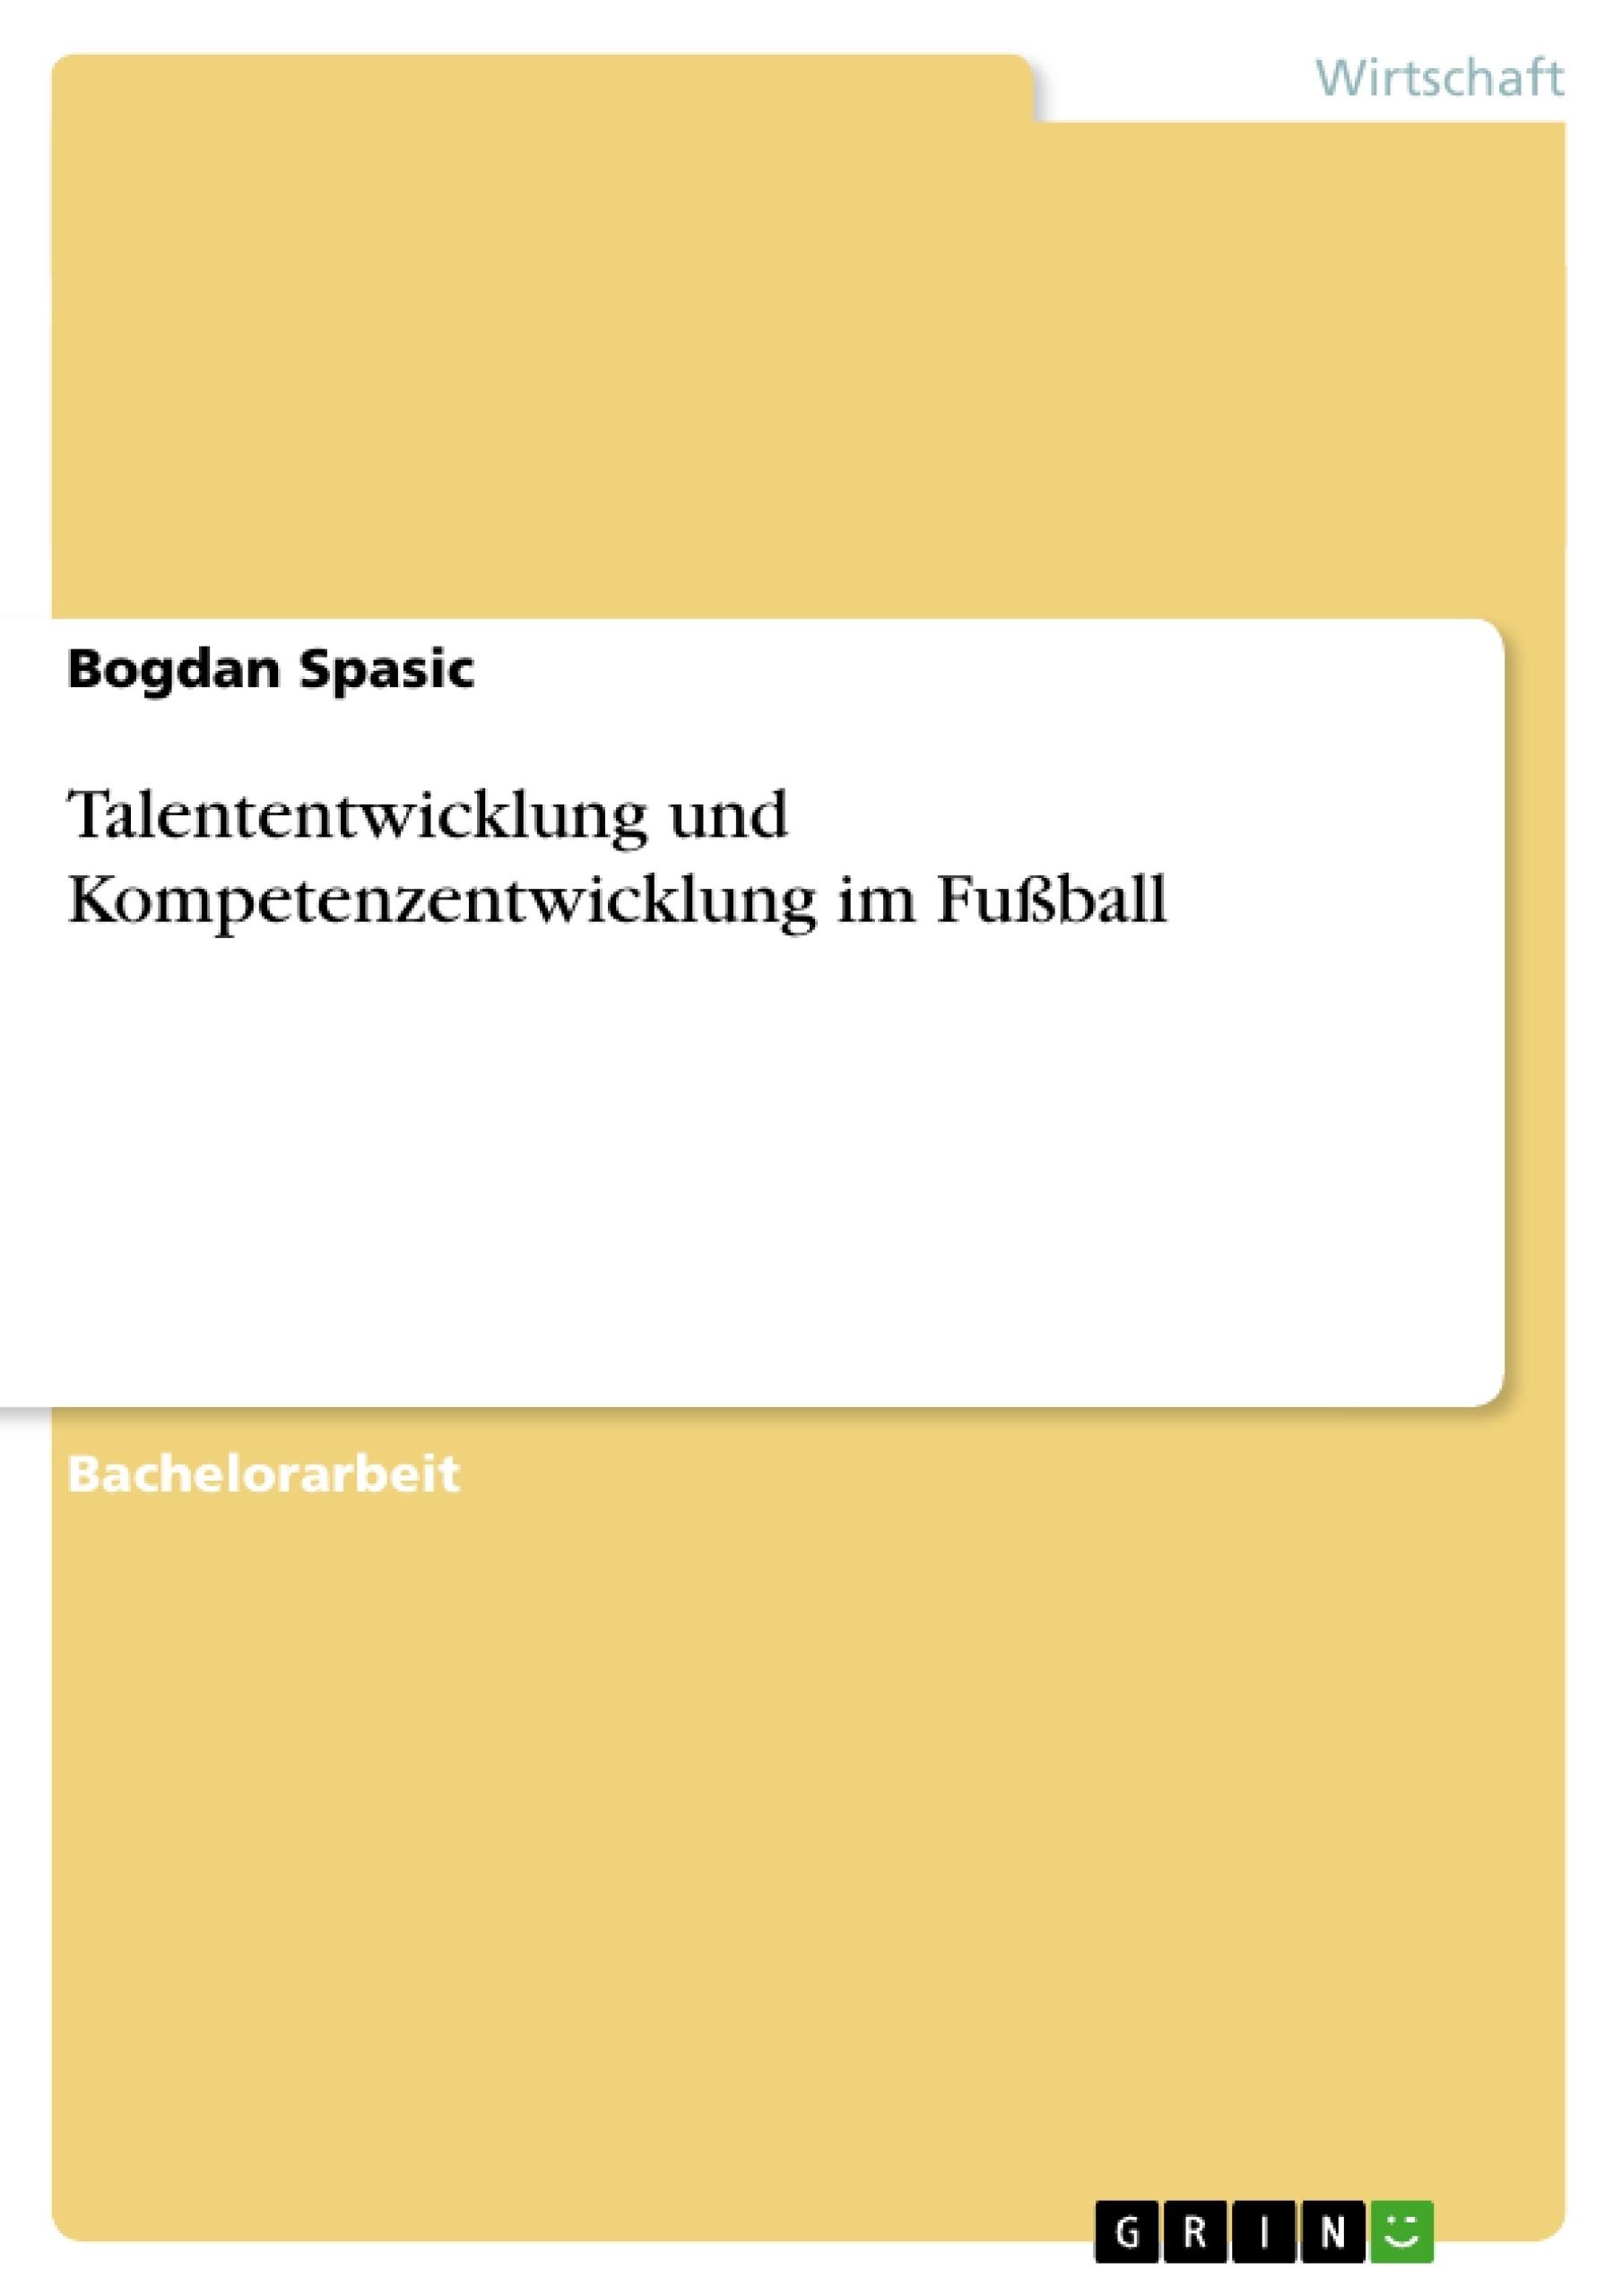 Titel: Talententwicklung und Kompetenzentwicklung im Fußball